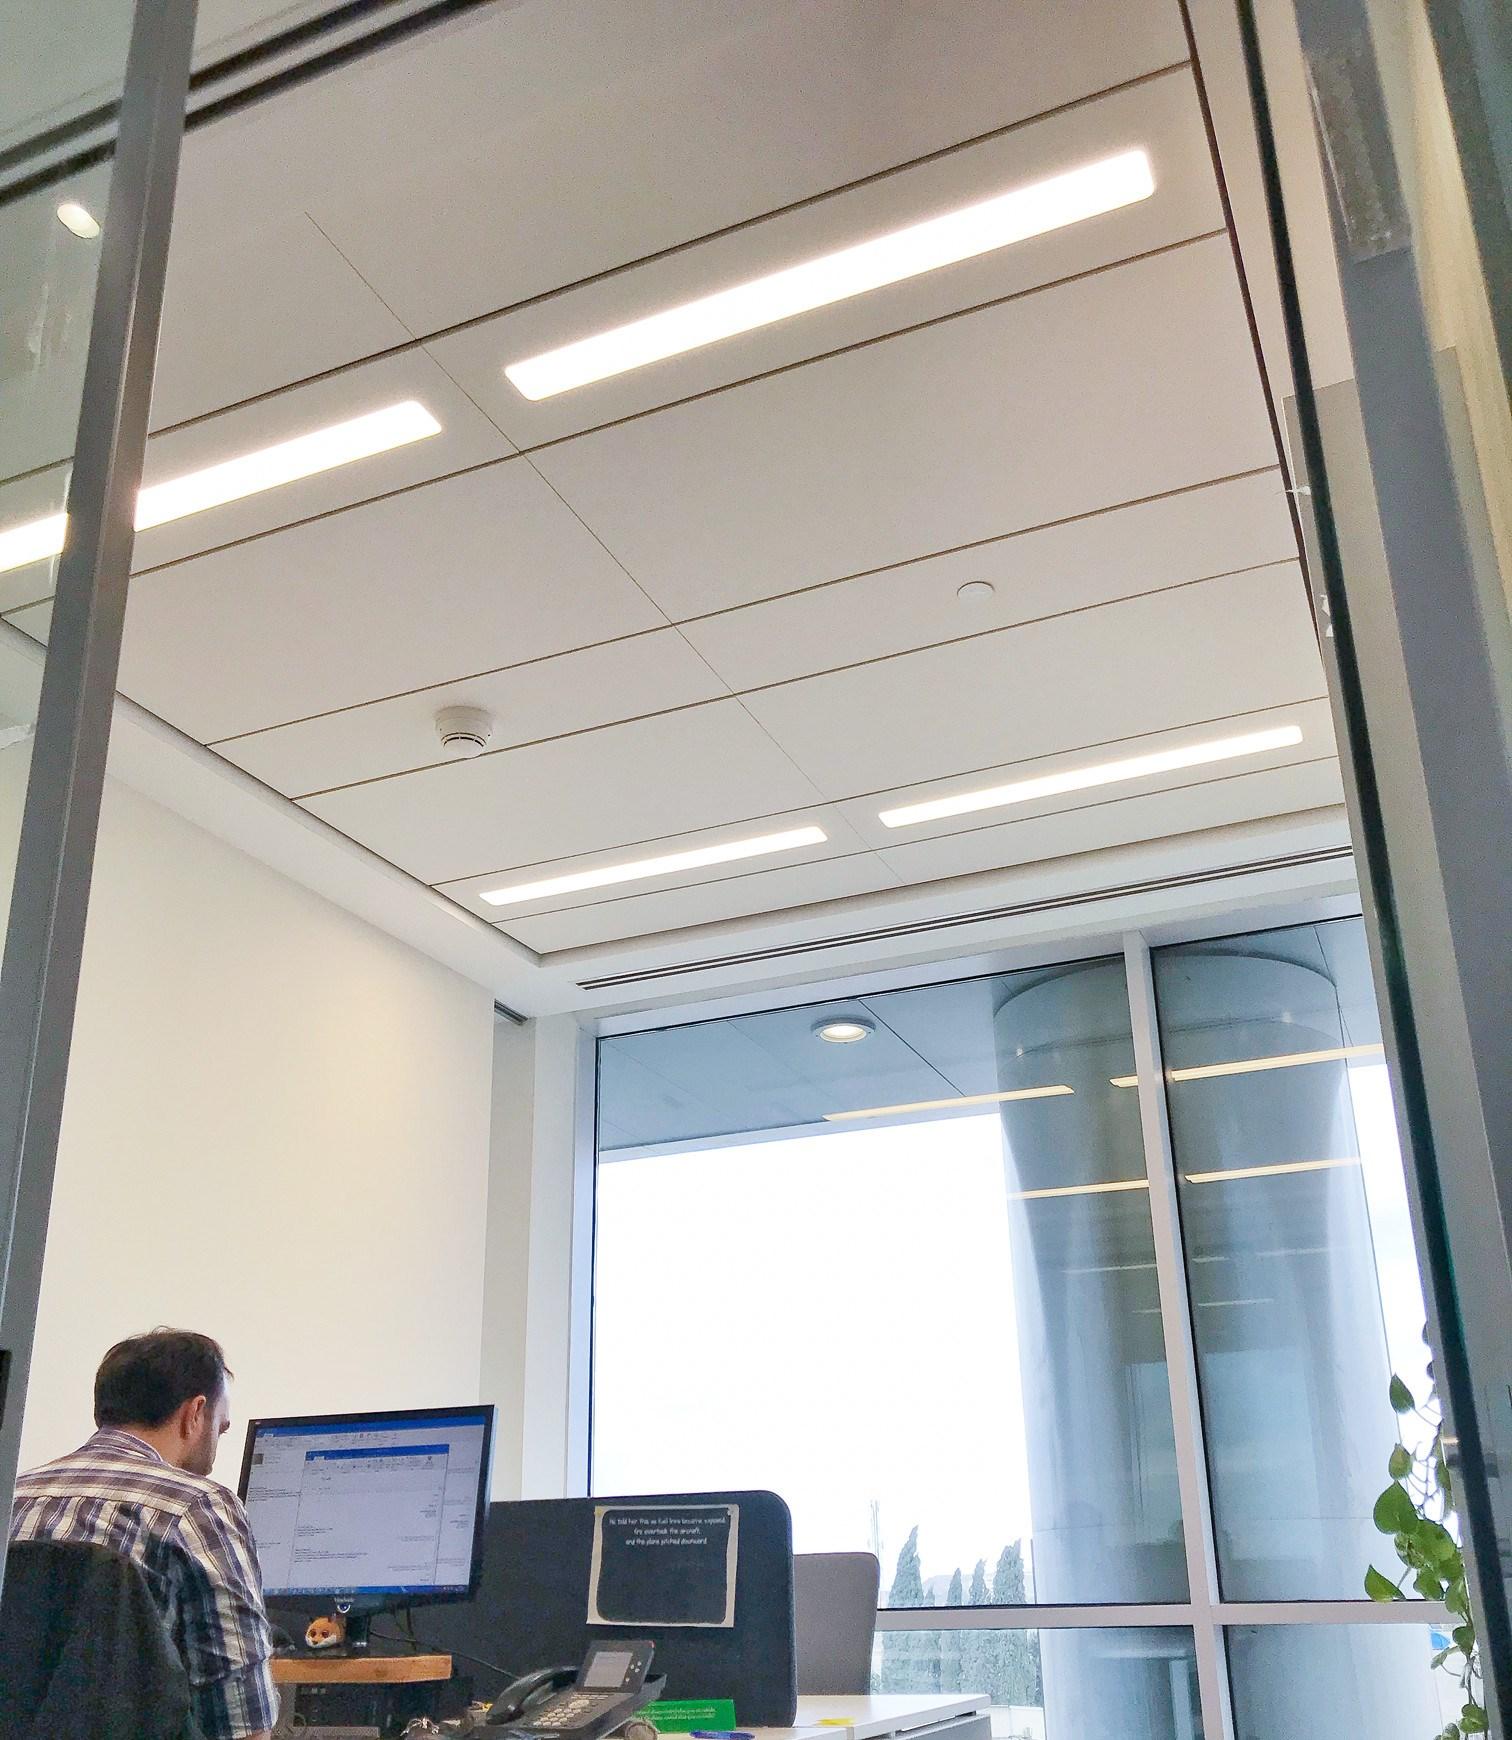 הקמת משרדים, התקנת תקרות אקוסטיות